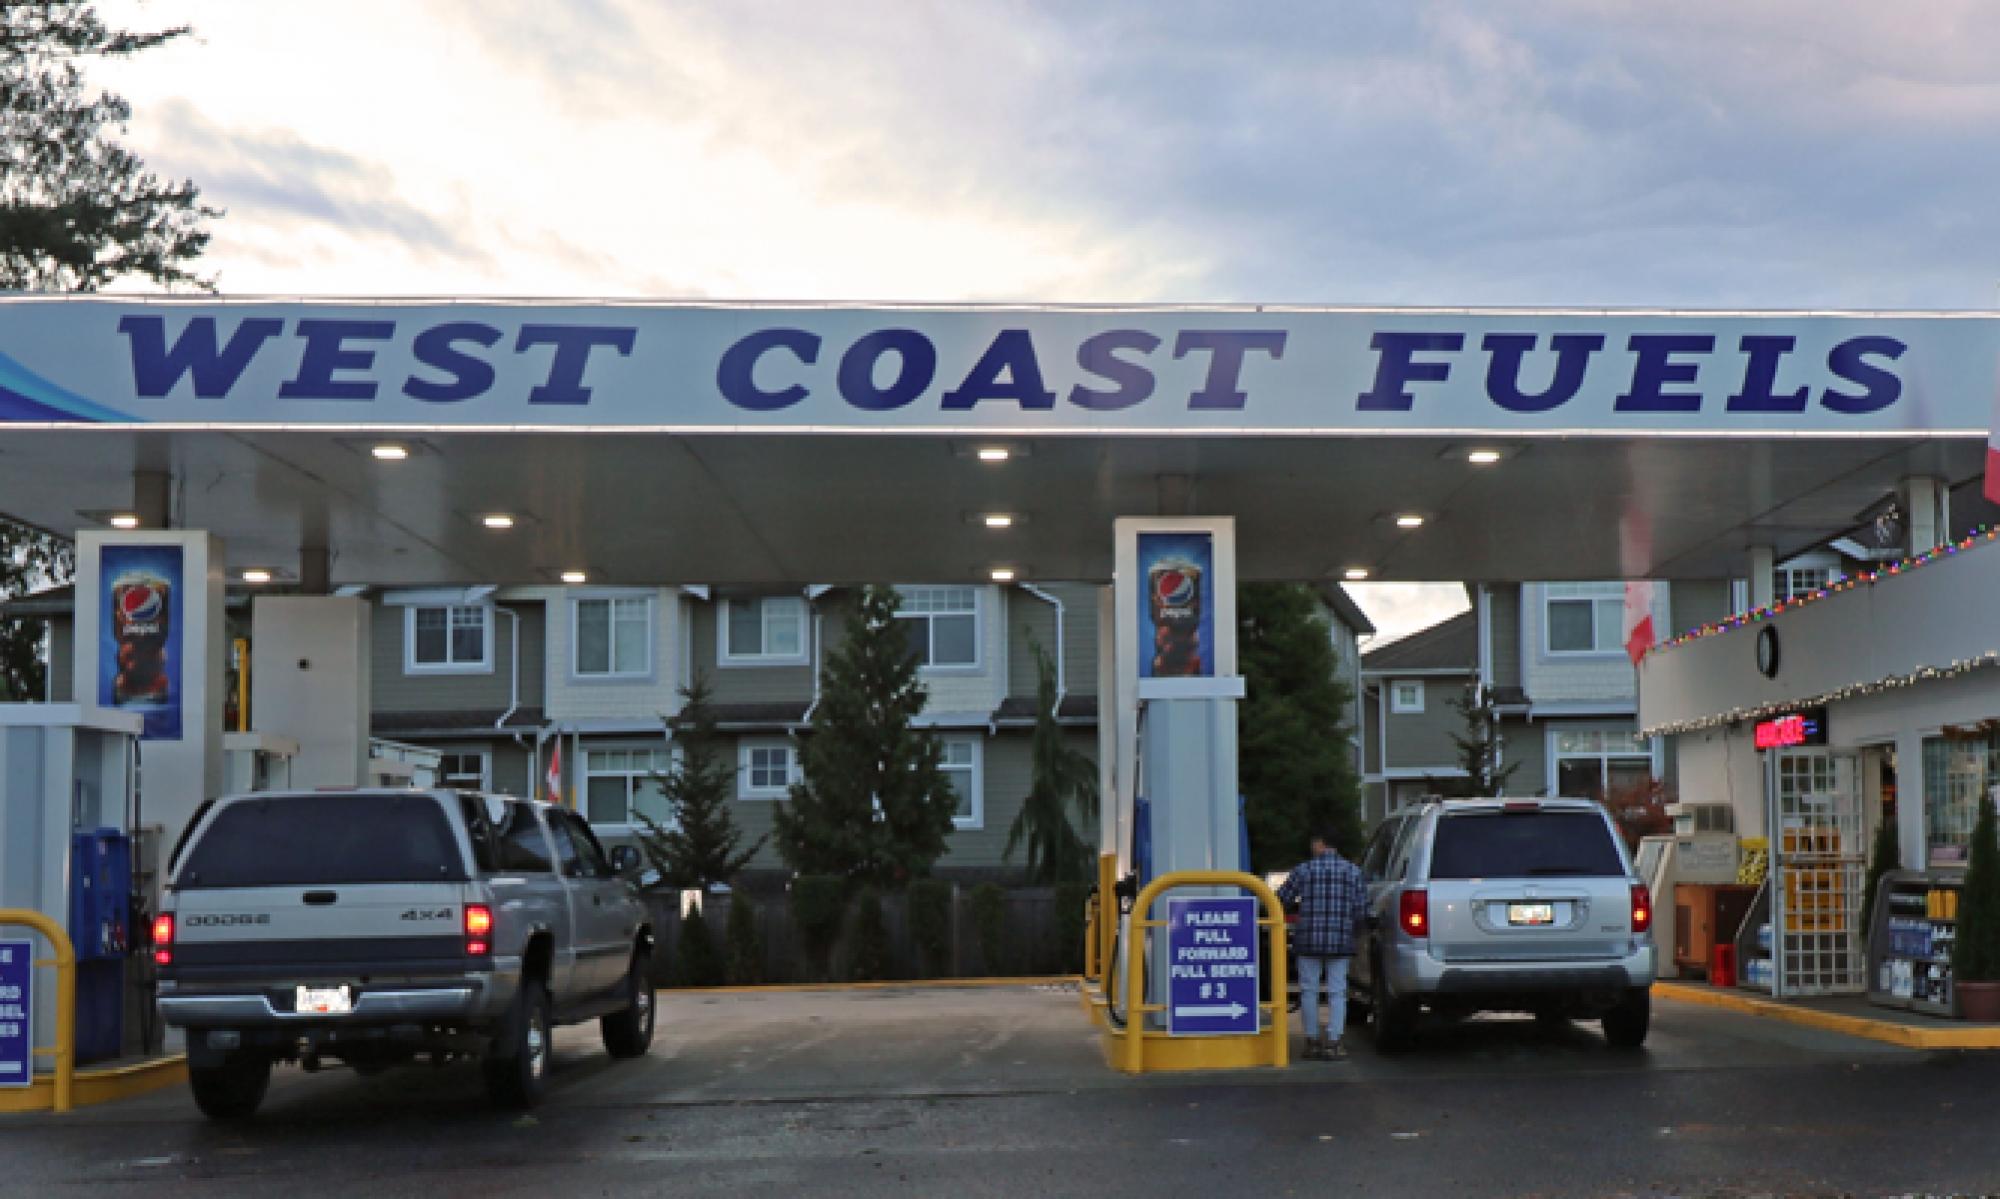 West Coast Fuels Loyalty